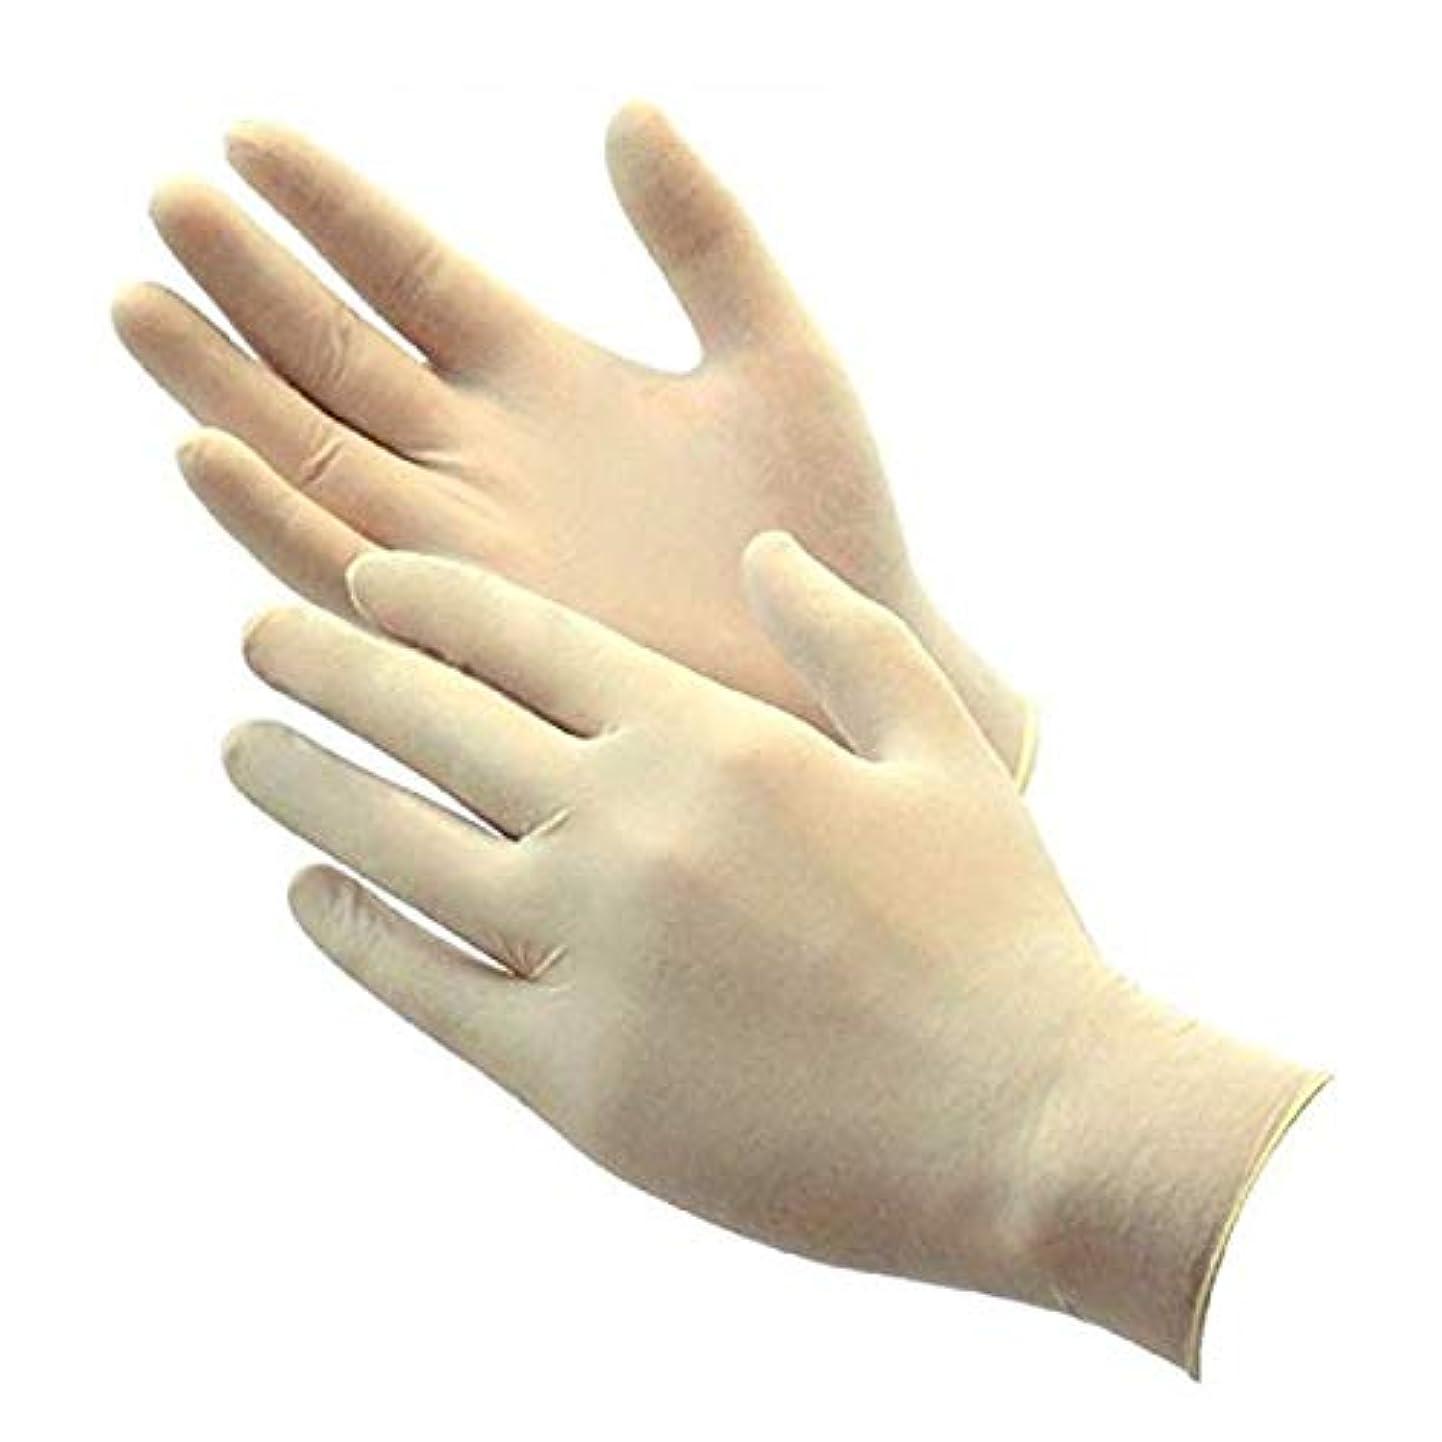 振りかける生活キャプテン高品質ラテックス手袋(クリーンパック)100枚入り (L)